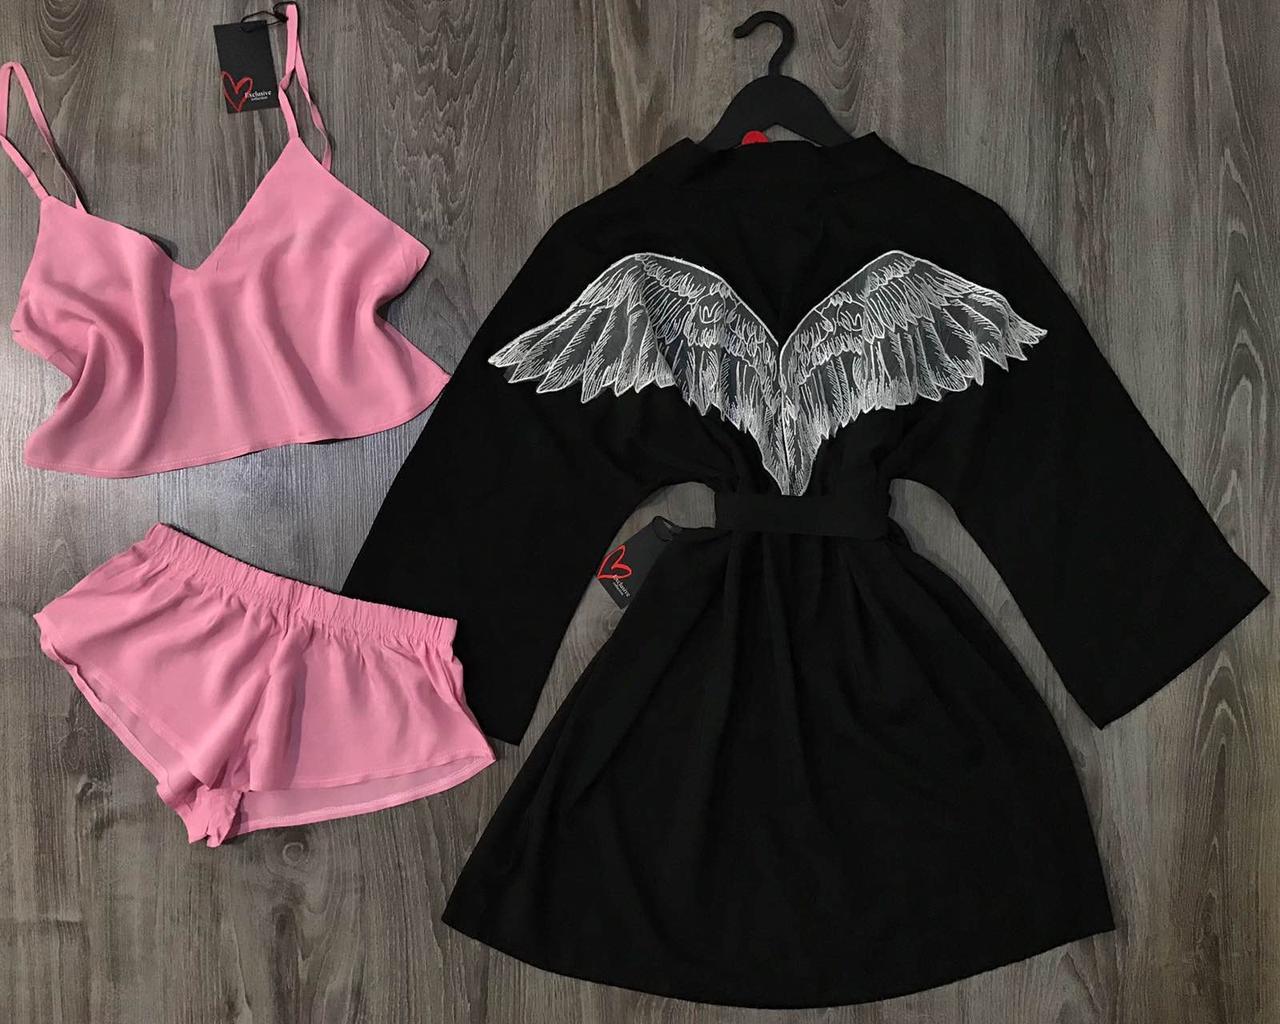 Хлопковый женский комплект для сна и отдыха, халат и пижама